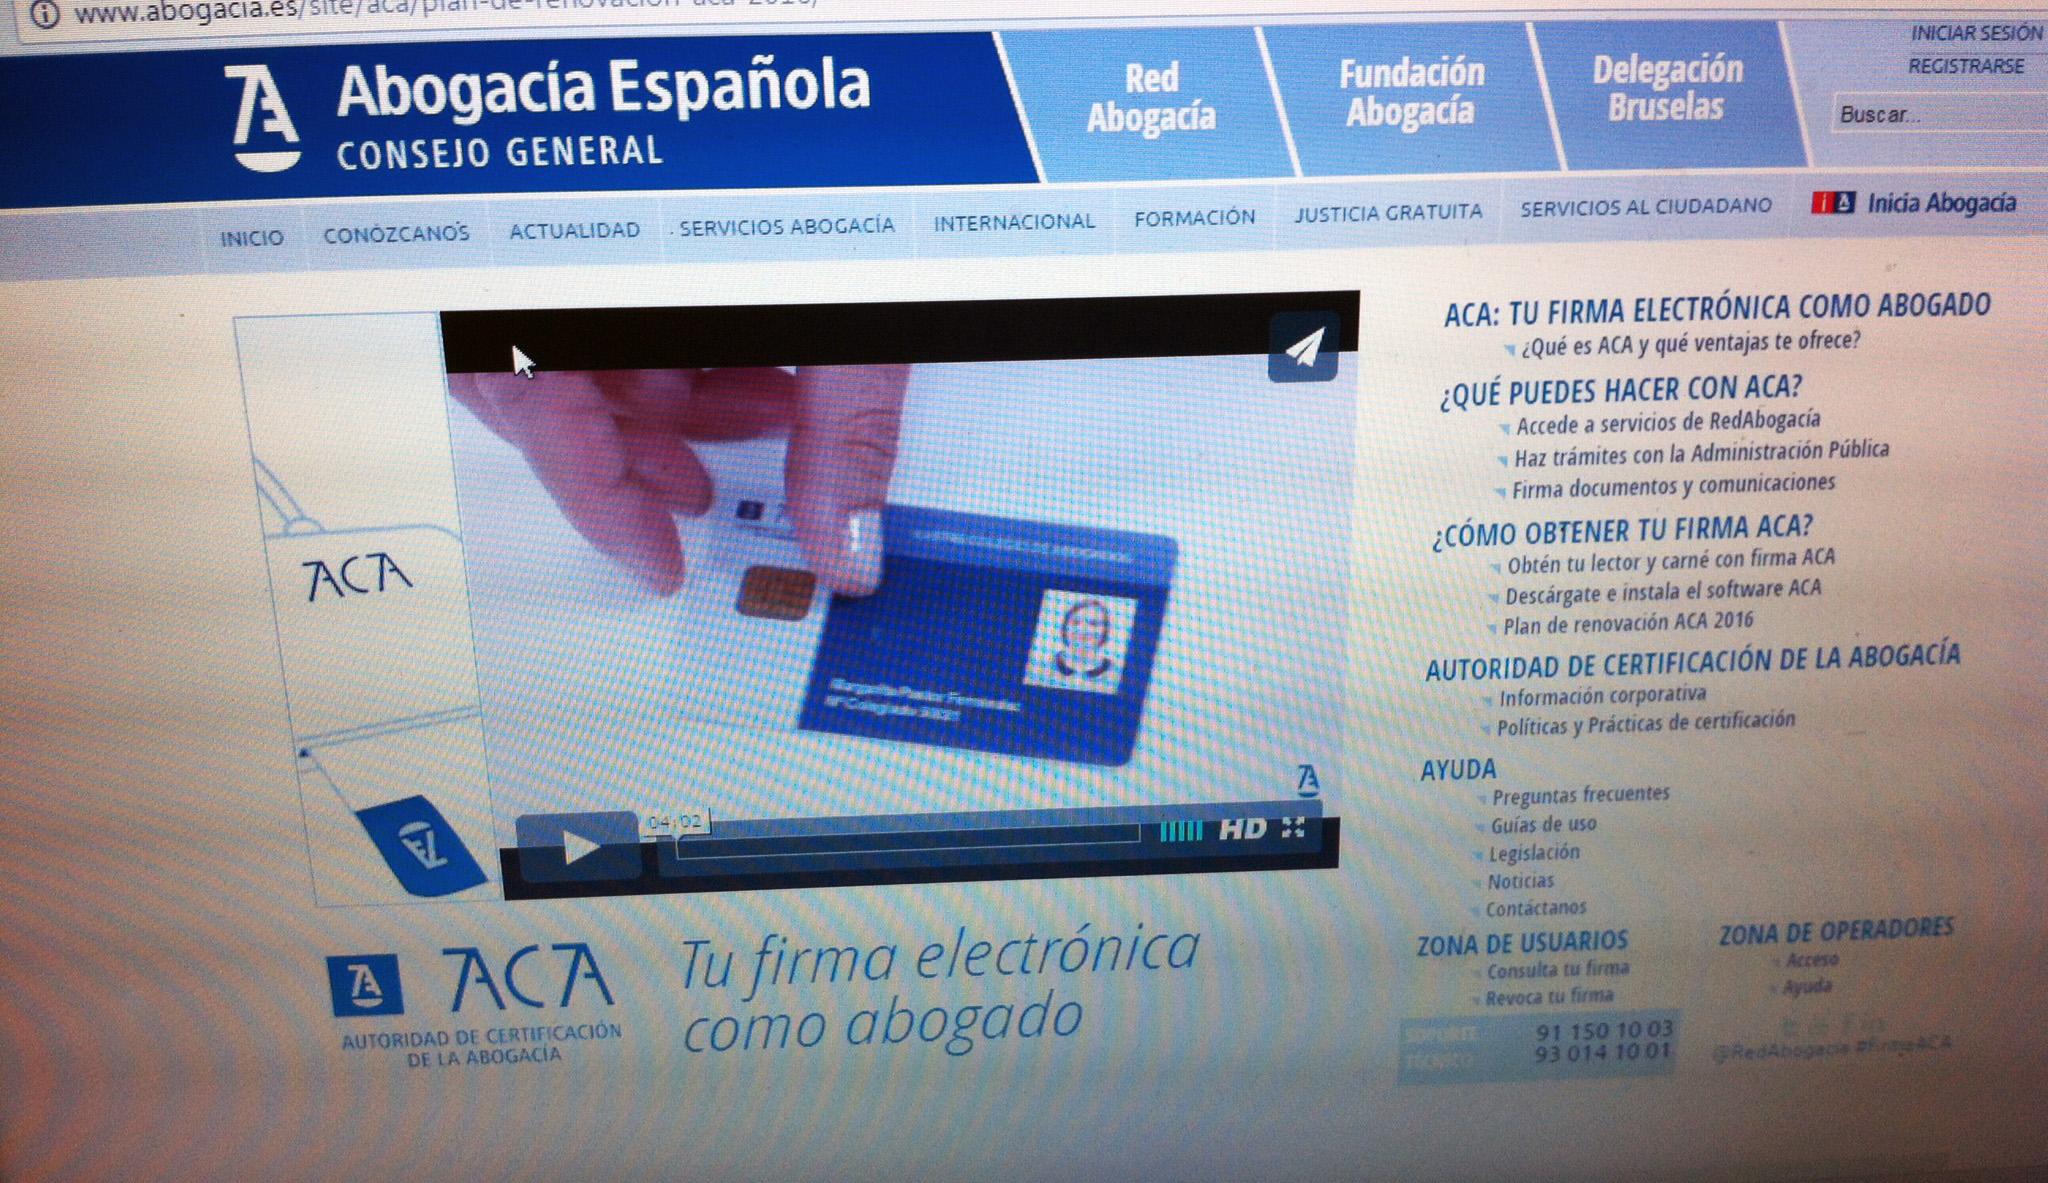 Importante hay que renovar el certificado digital aca for Renovar demanda de empleo con certificado digital